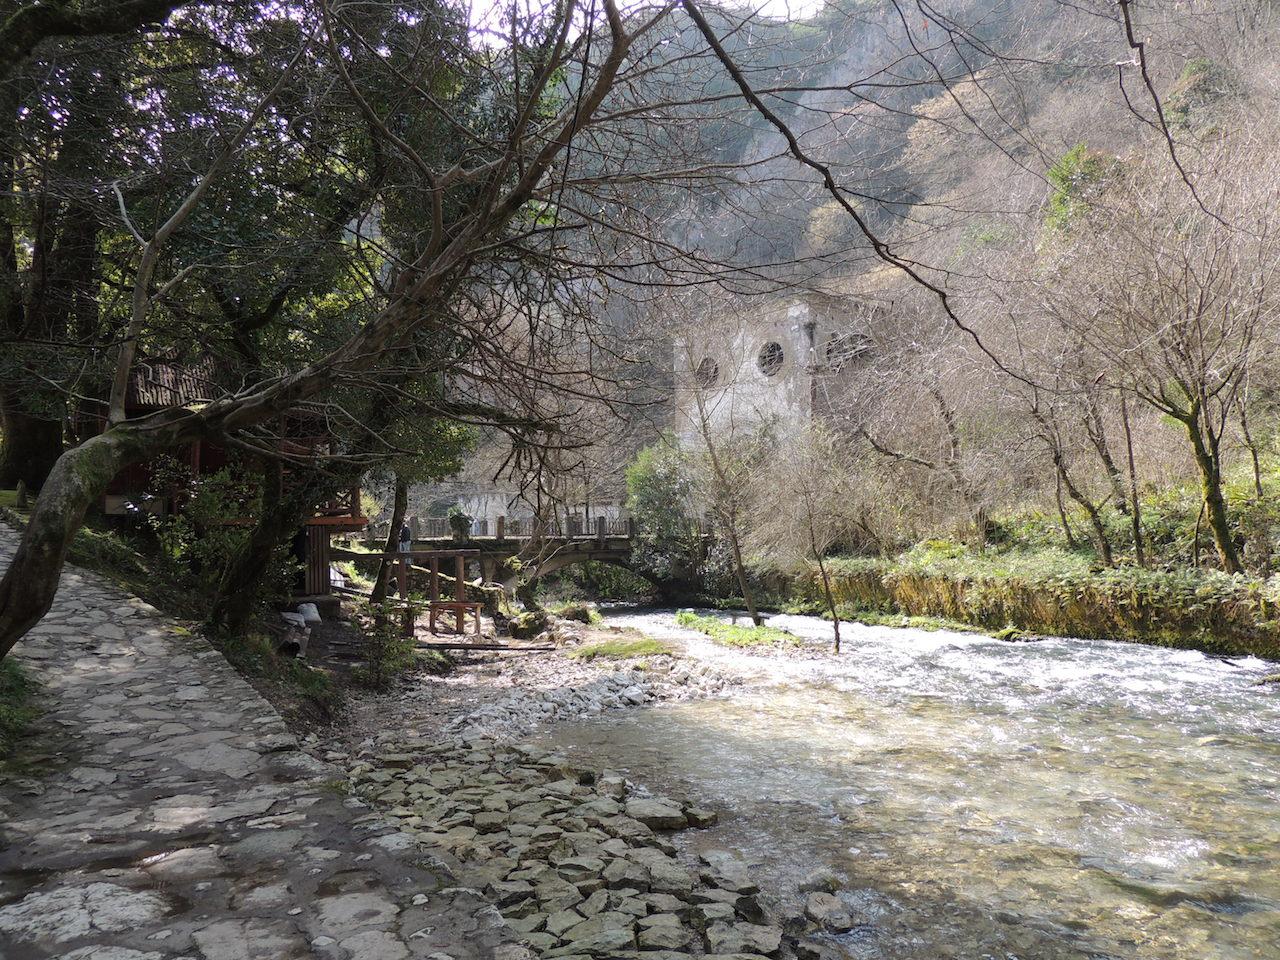 Абхазия Новый Афон Парк река 14 марта 2015 г., 16-036.JPG